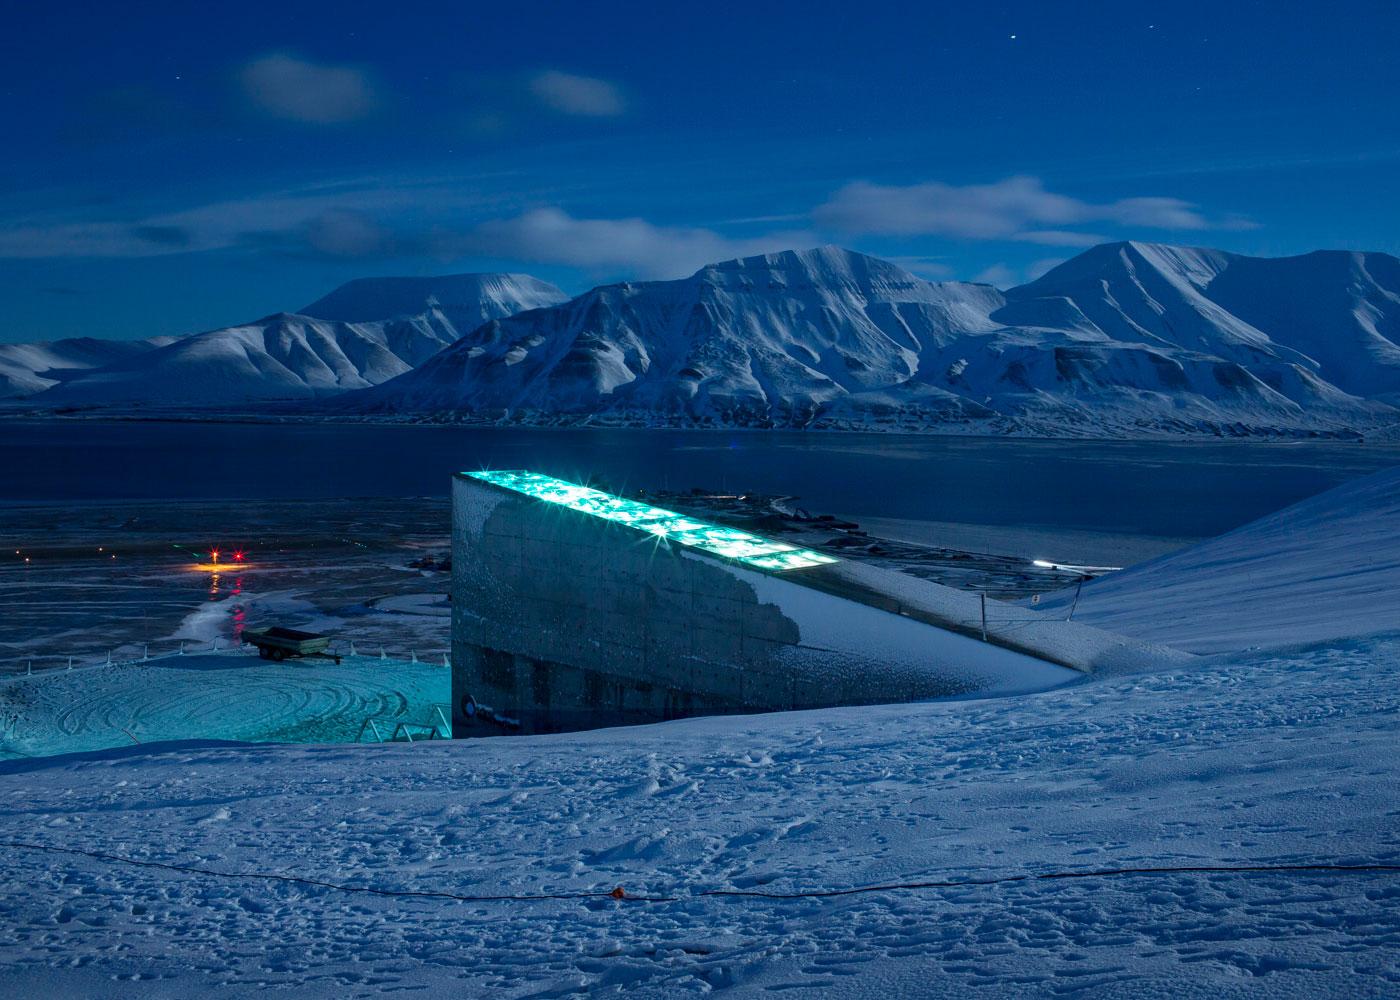 Svalbard Global Seed Vault © Lucas WahlDie Svalbard Global Seed Vault außerhalb der Stadt Longyearbyen. In der unterirdischen Anlage im Permafrost, lagern über eine Million Nutzsamen aus aller Welt. Hier wird demnach über 13.000 Jahre landwirtschaftlicher Geschichte aufbewahrt. Longyearbyen, Spitzbergen, Norwegen, 2018